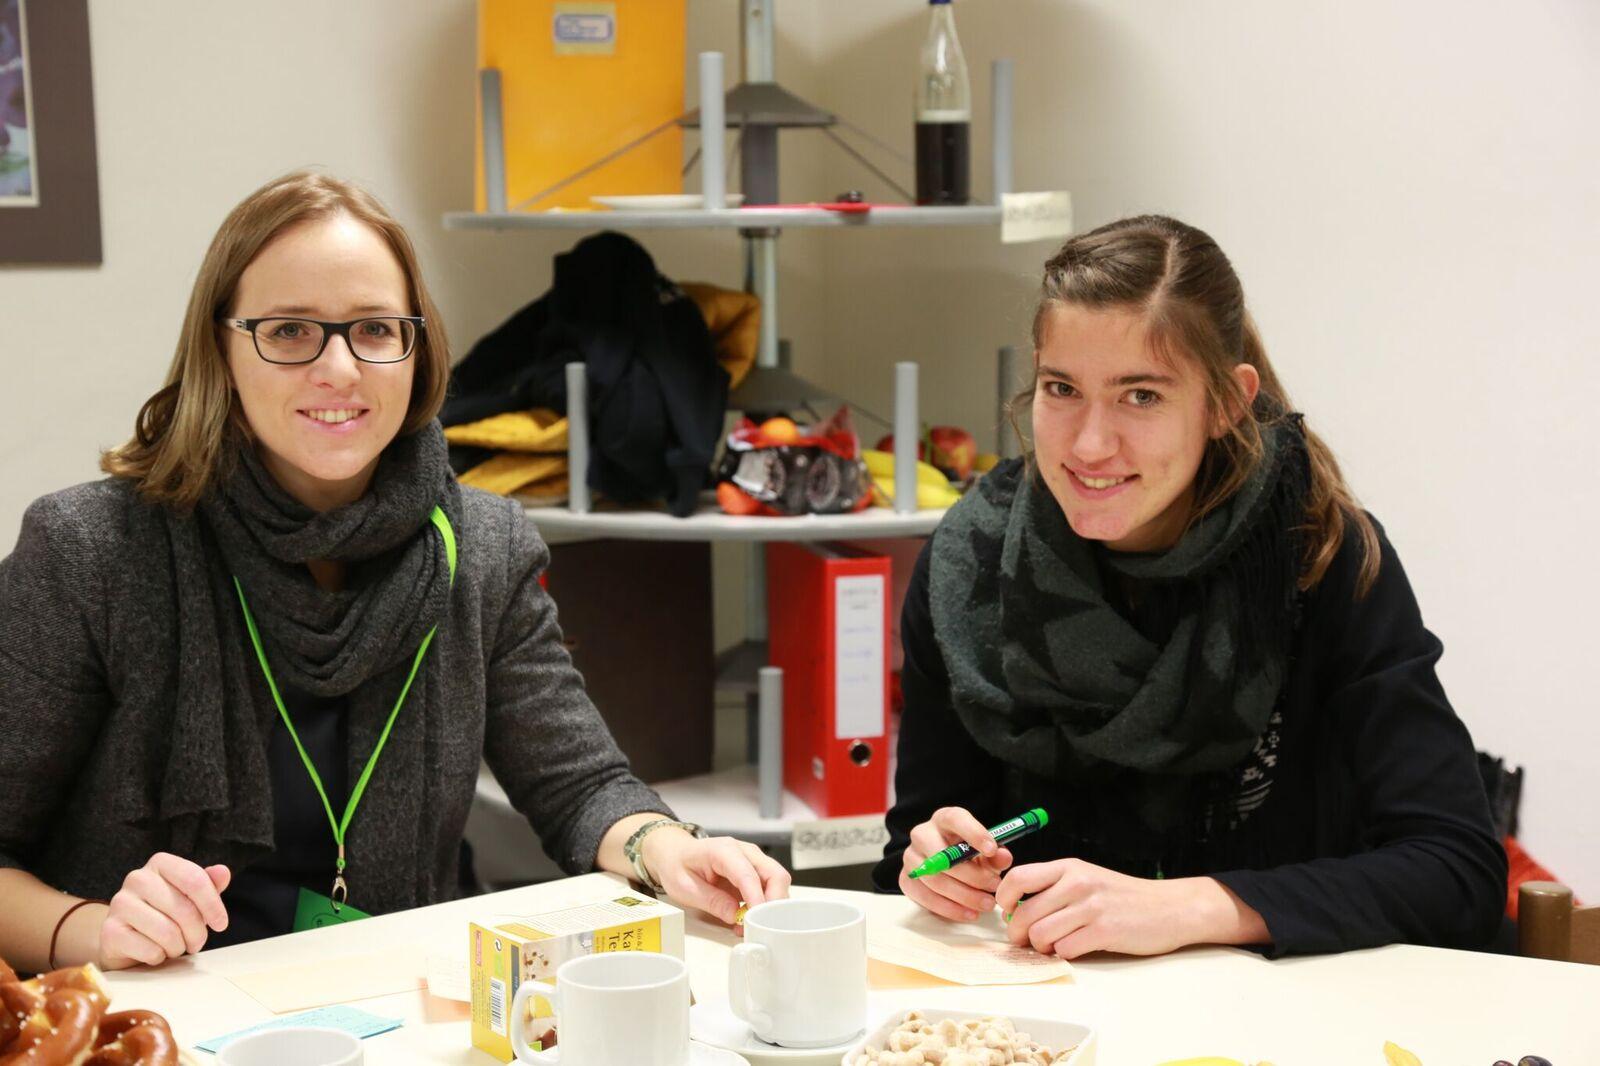 Letzte Vorbereitungen der Projektleitung Betti und Laura